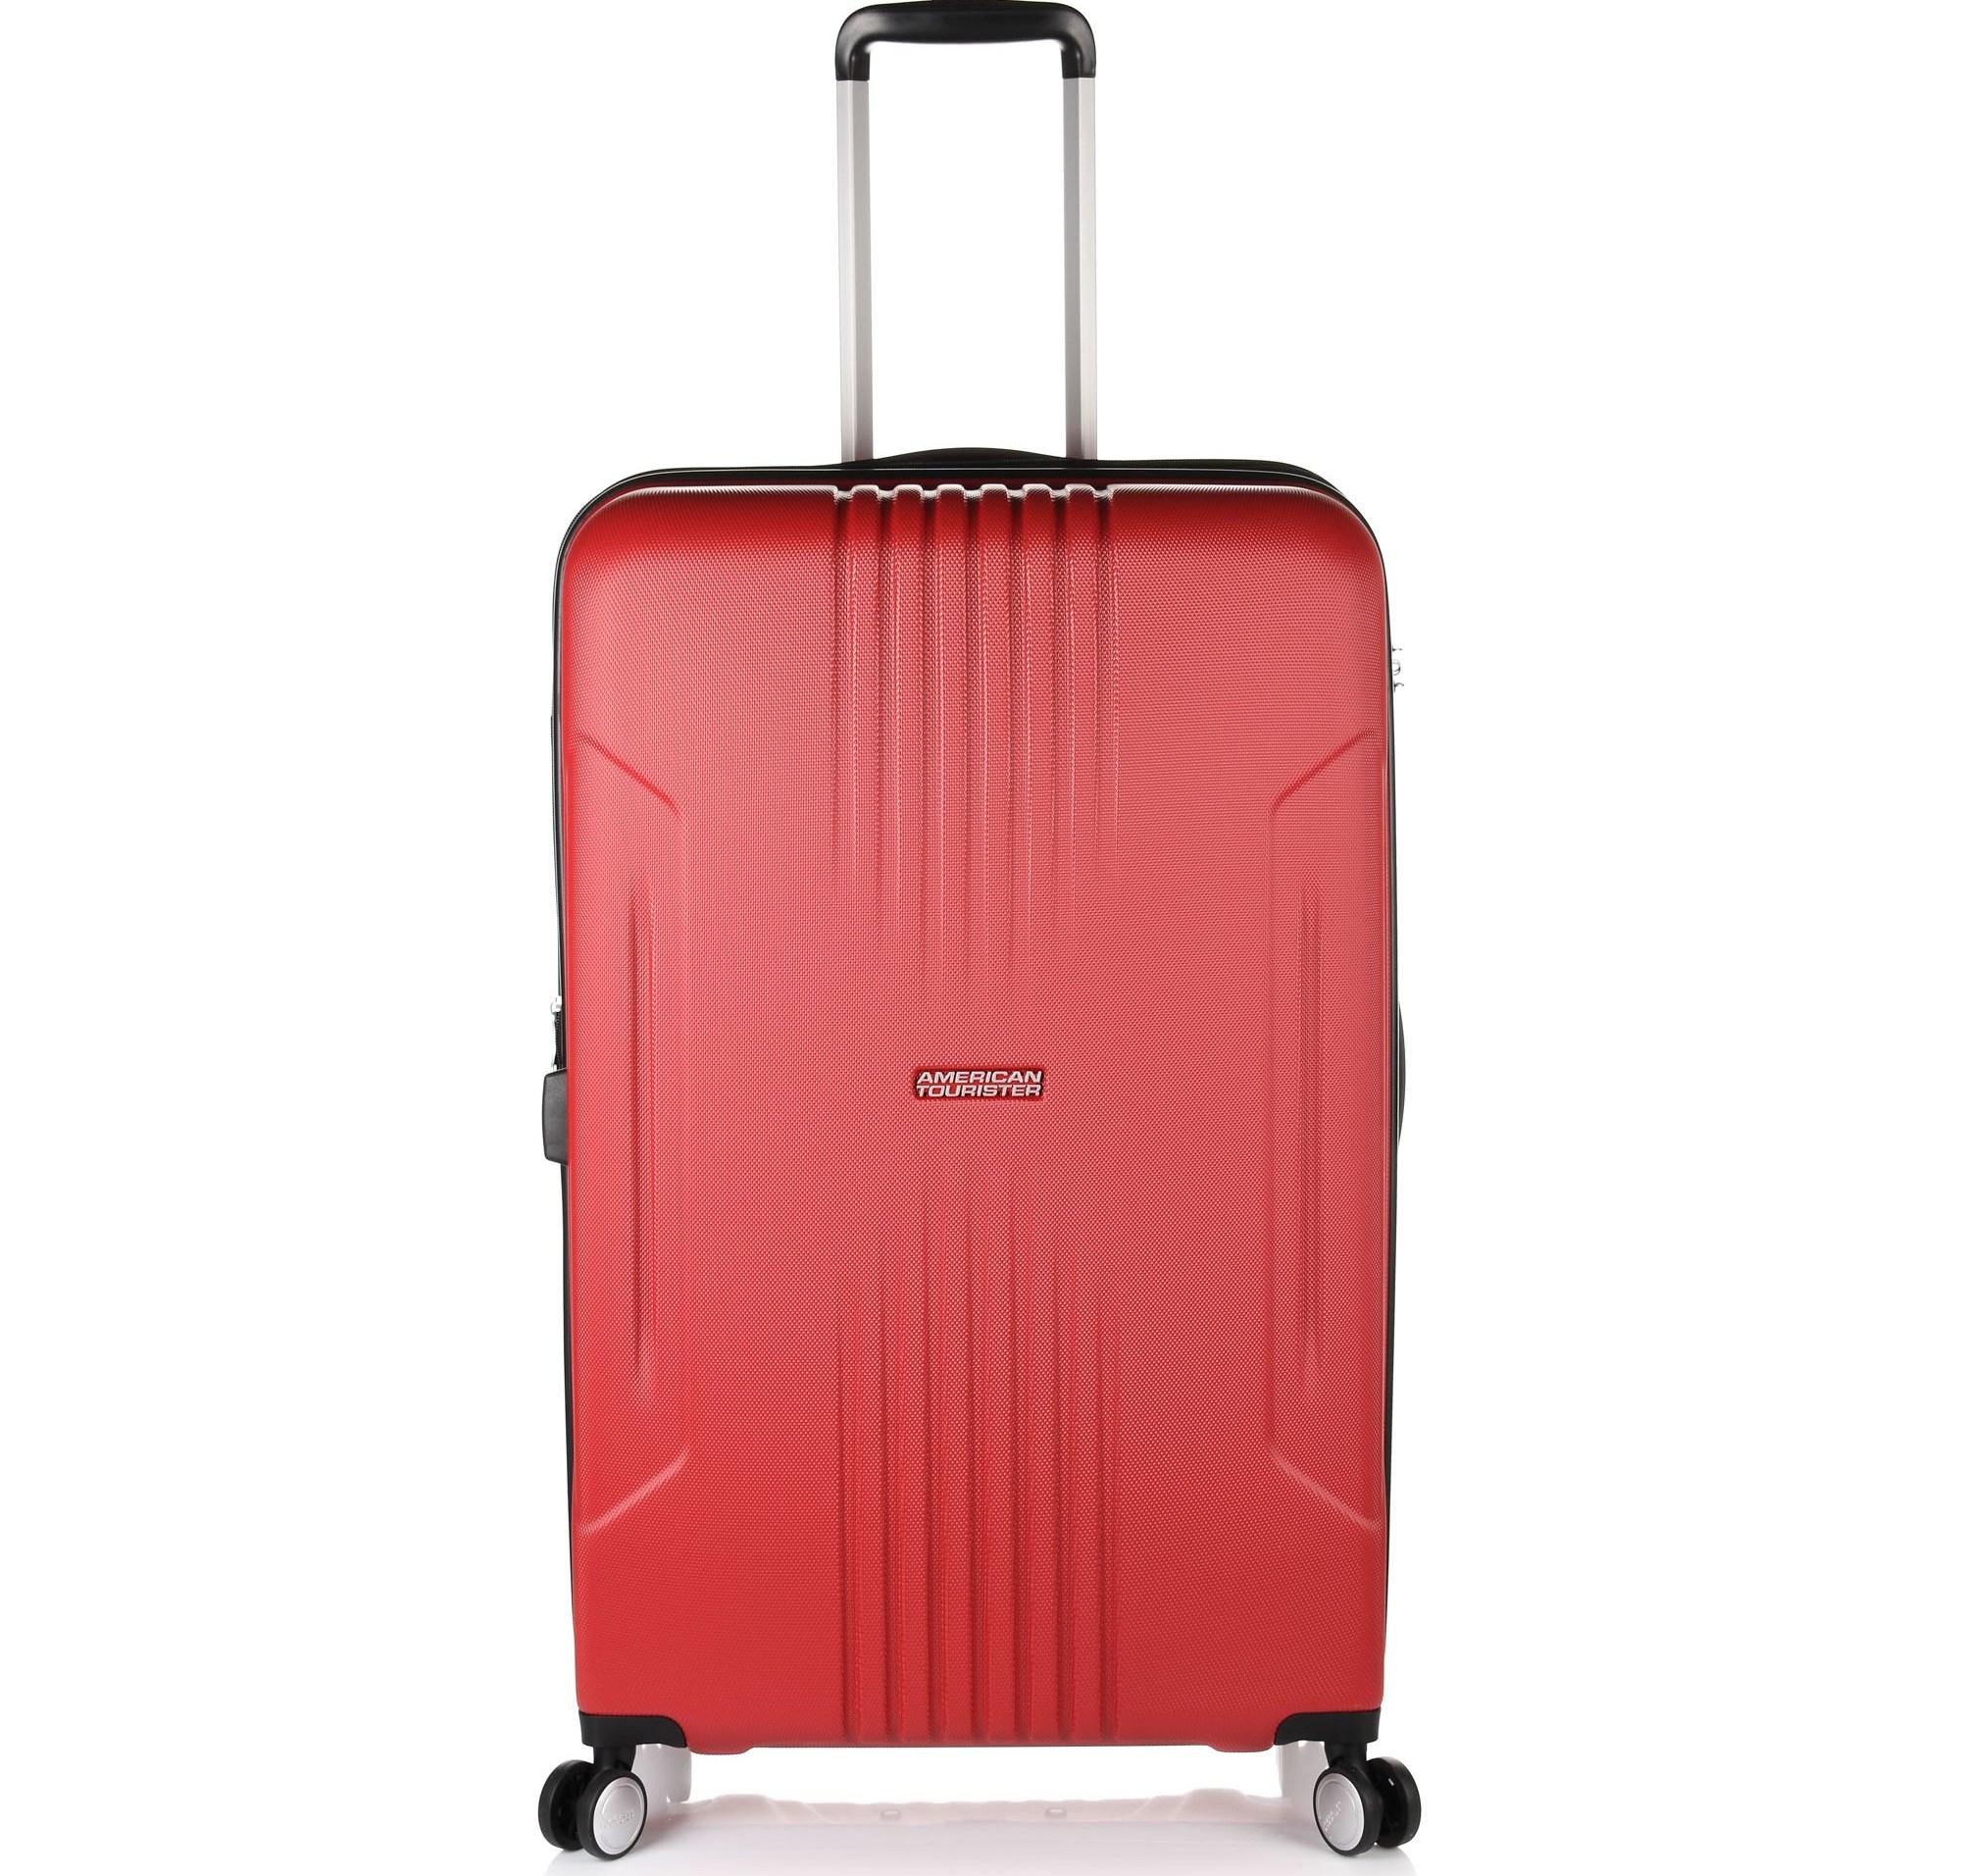 Βαλίτσα Σκληρή American Tourister Tracklite Spinner 78/29 Exp Large 88752